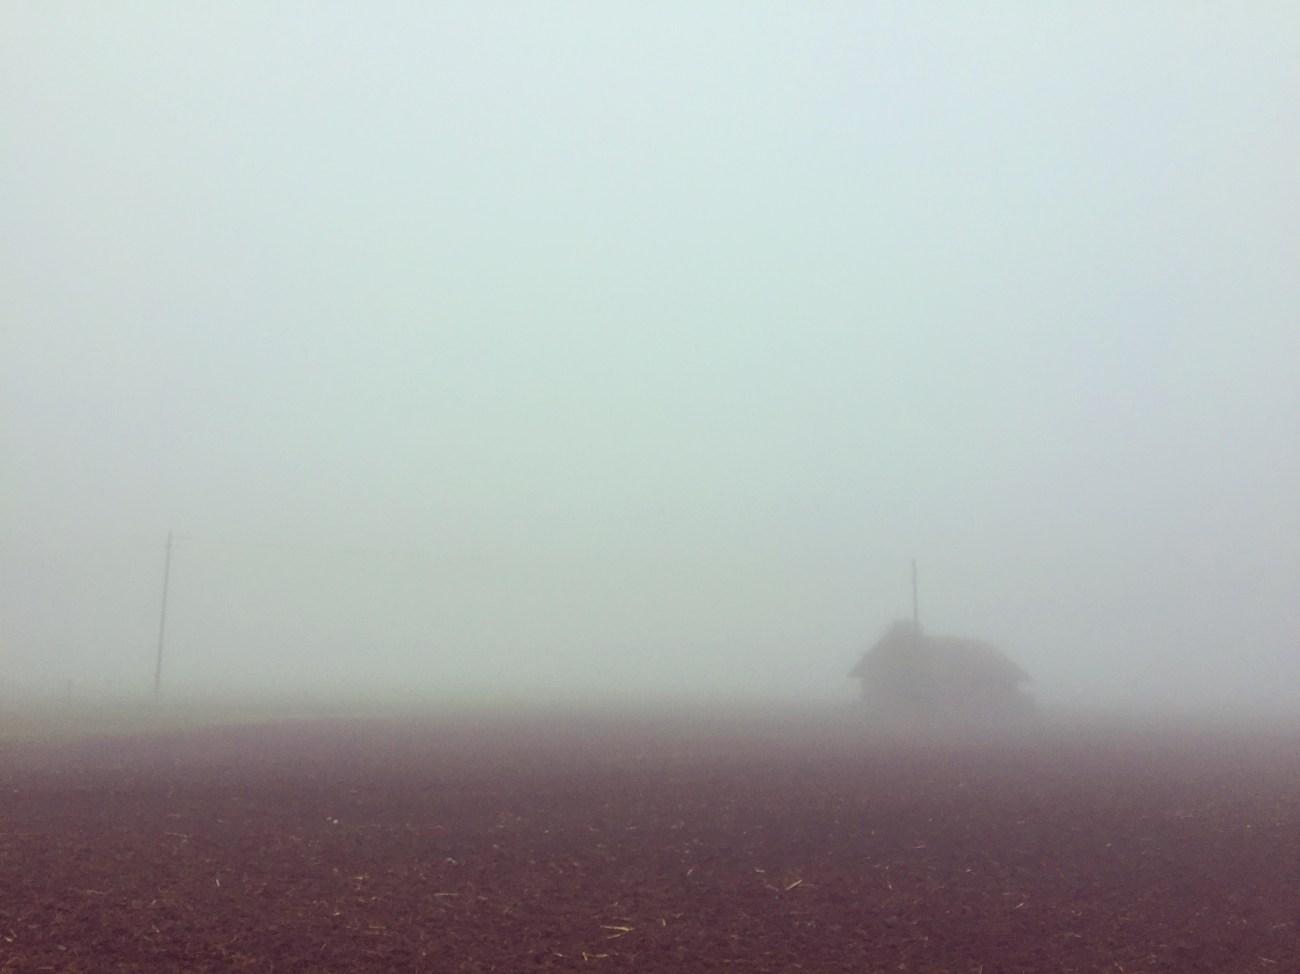 Maandag ging ik een uur wandelen door een mistig zwitserland!